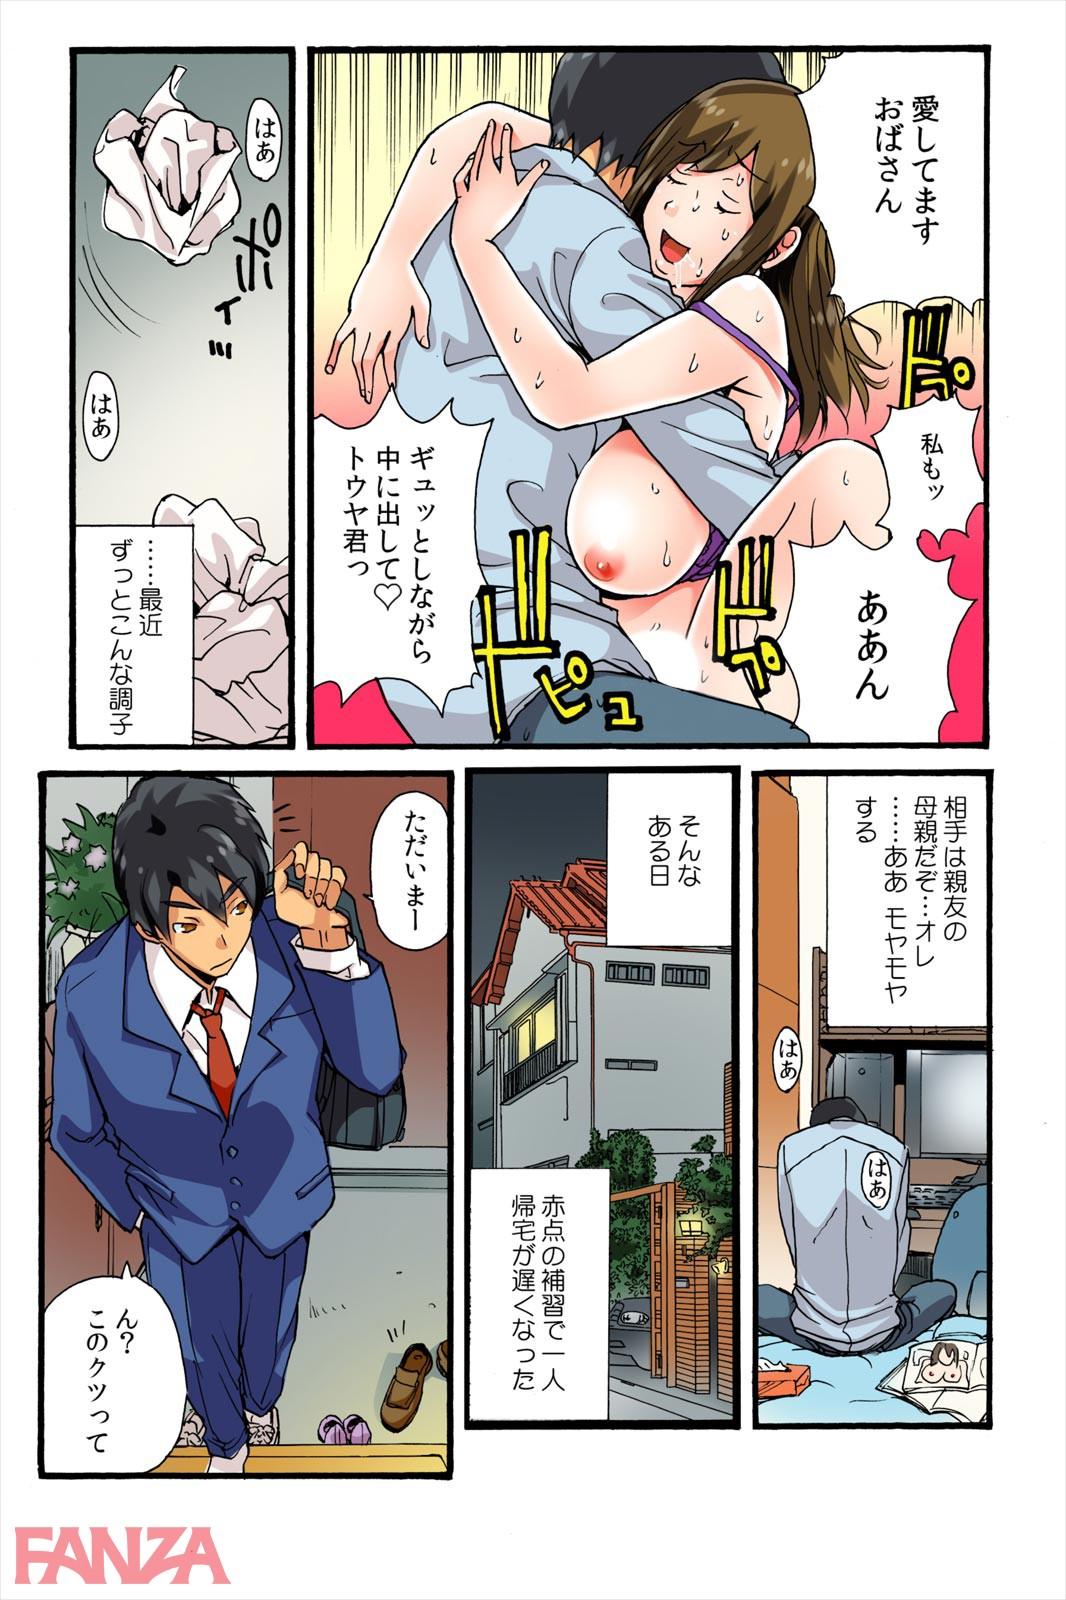 【エロ漫画無料大全集】親友の母親とのセックスが気持ち良すぎてヤバかった…